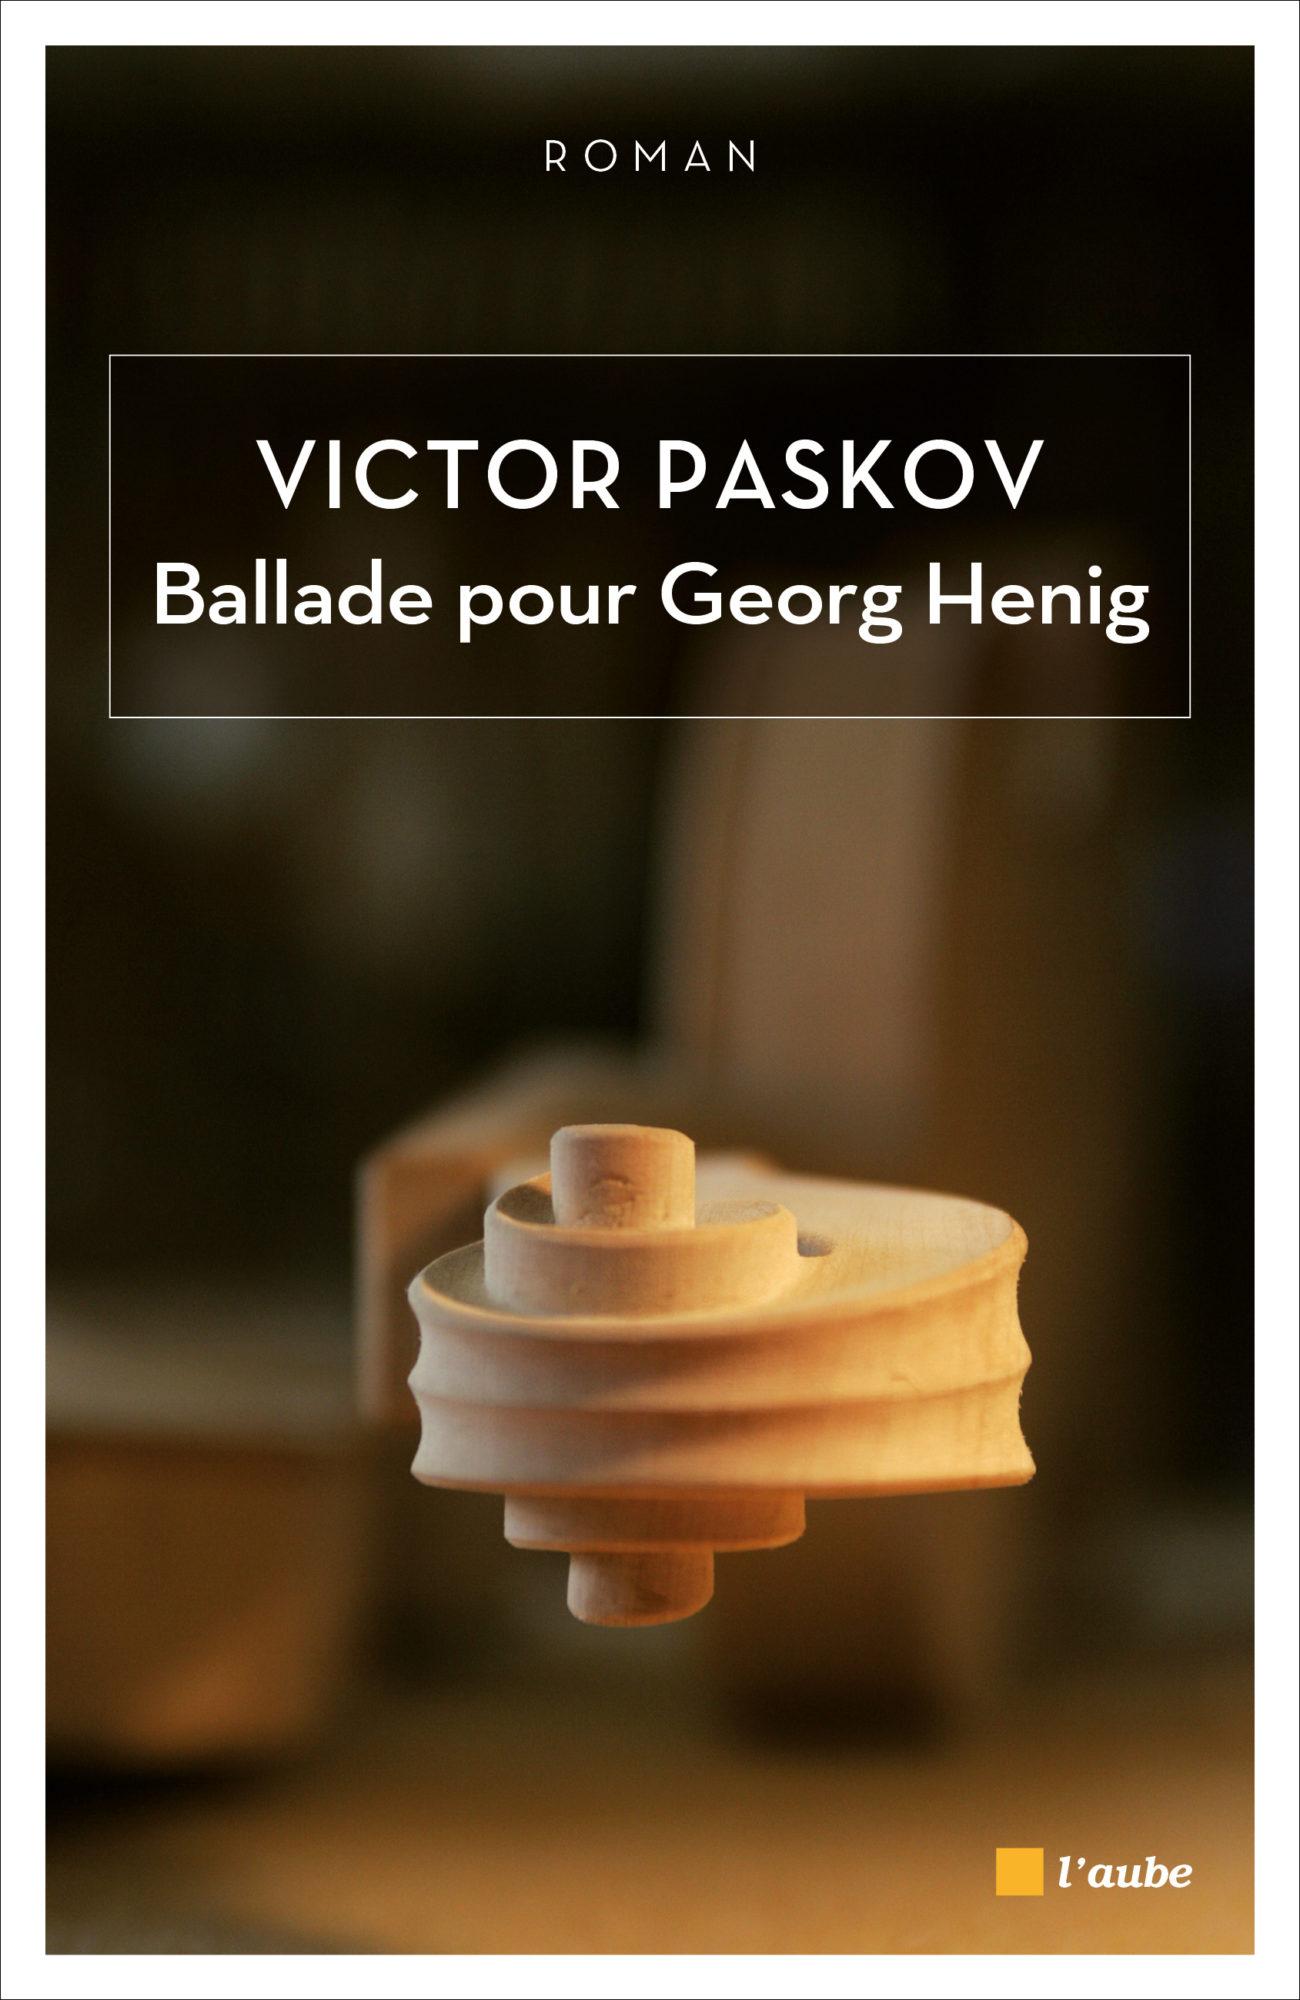 Ballade pour Georg Henig